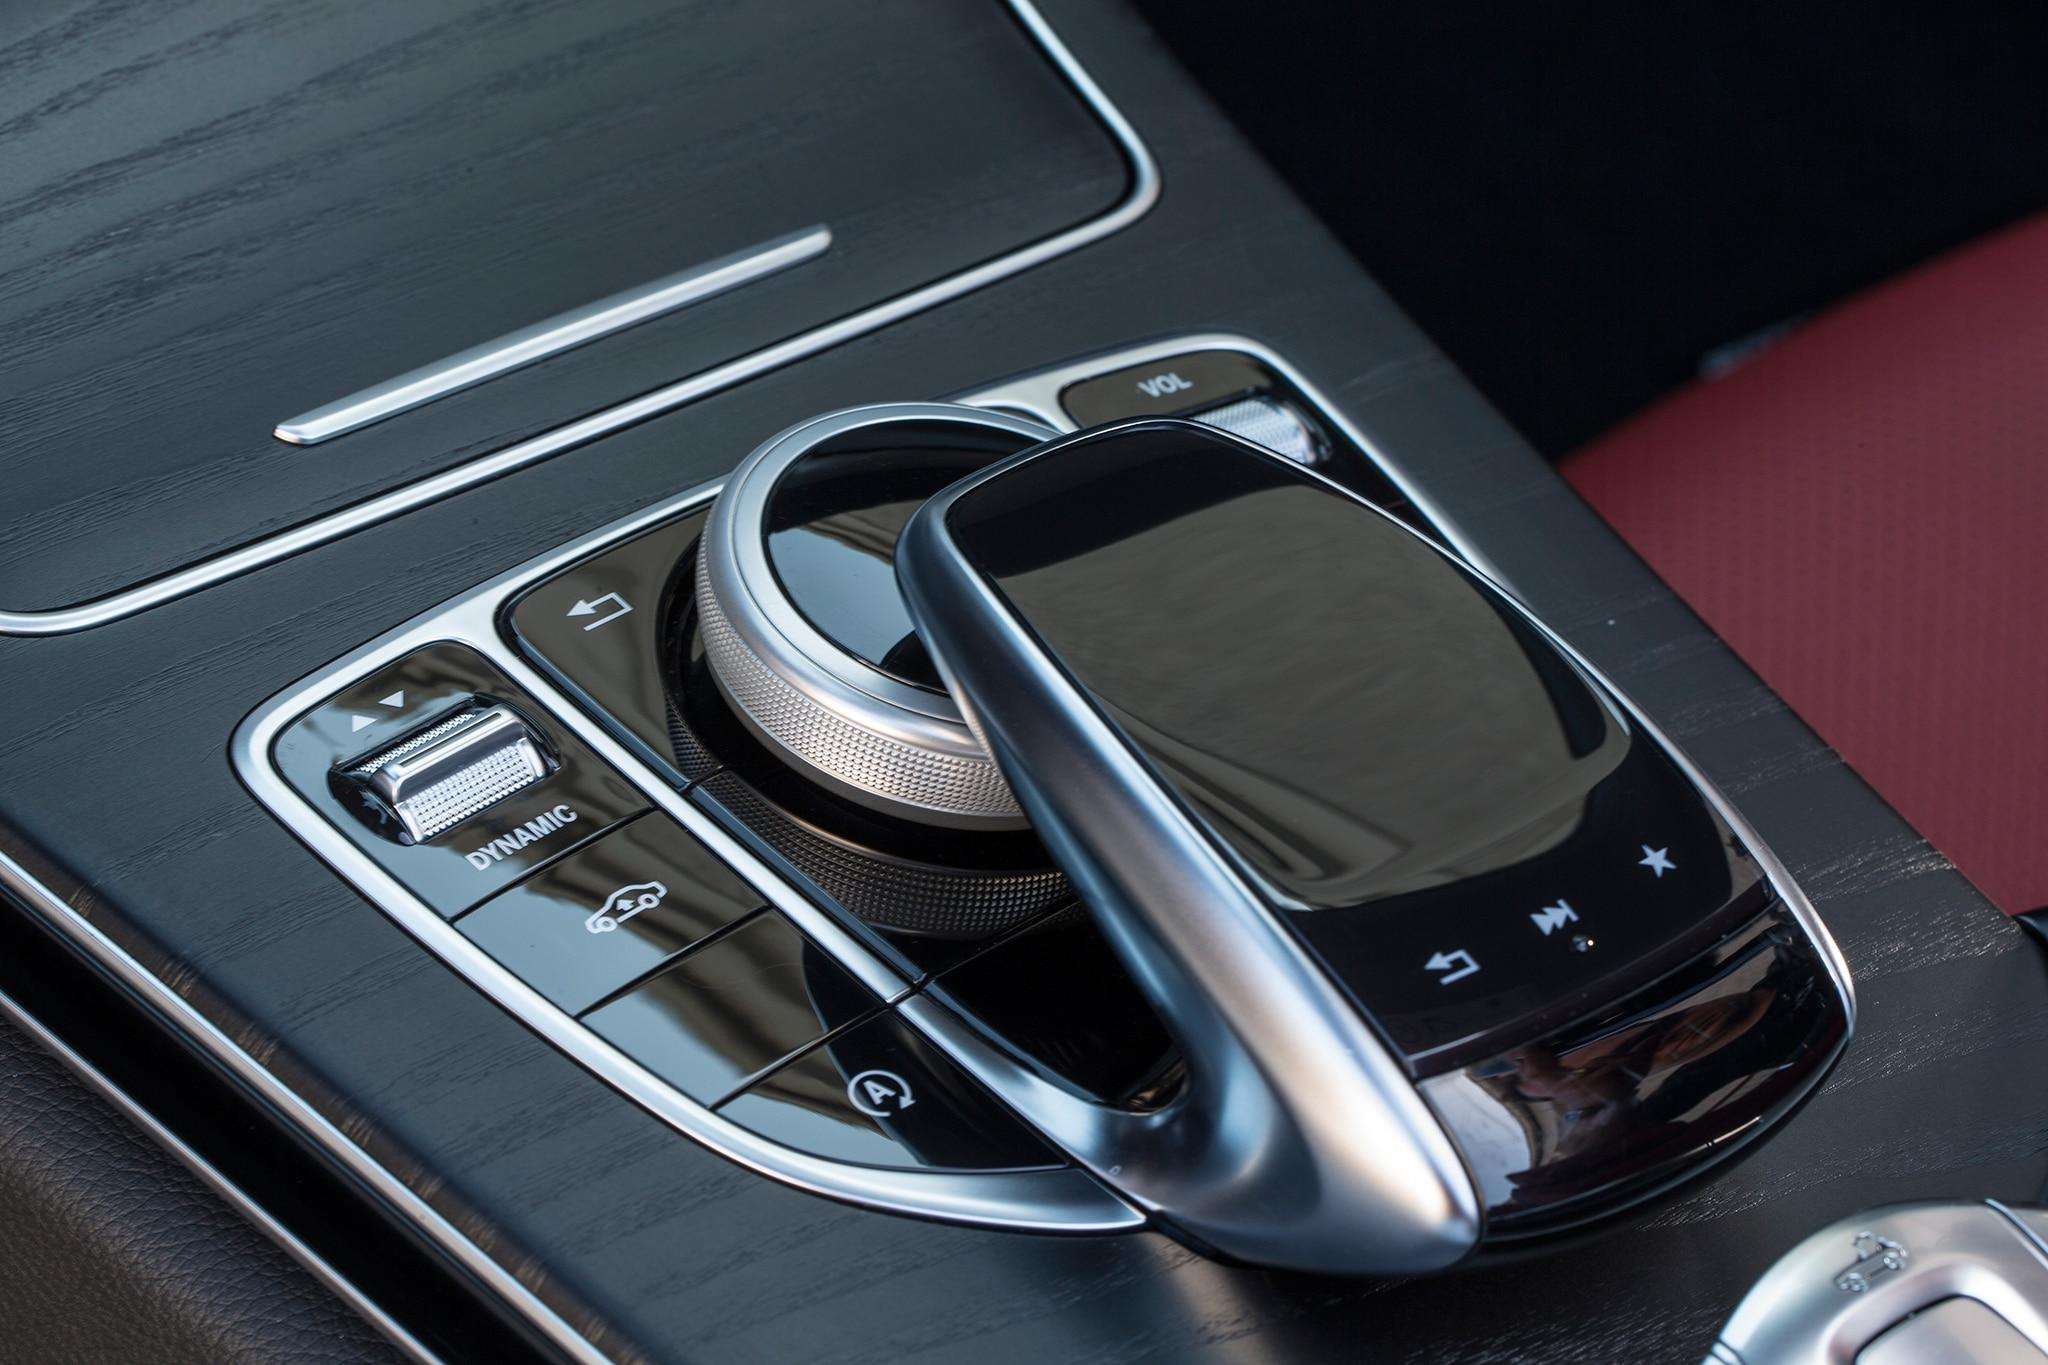 Benz cla class cla 250 edition 1 interior 1920x1080 59 of 183 - Regardless